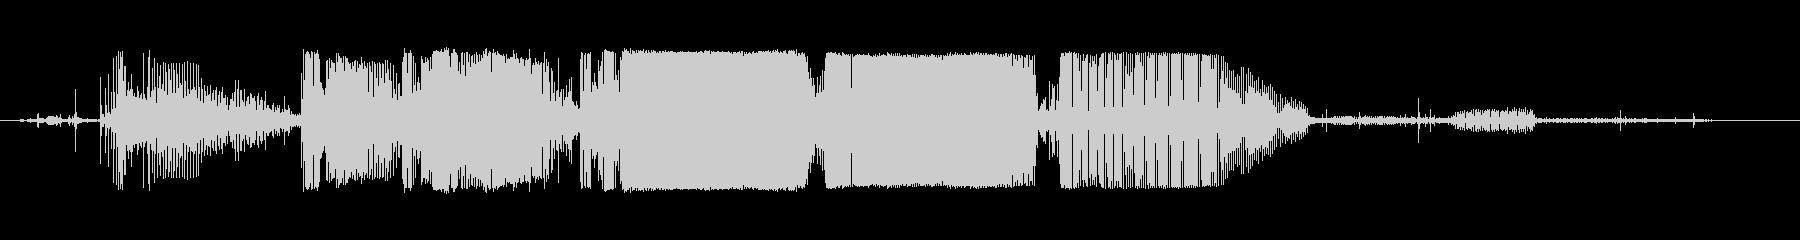 モーターサイクル、ハーレーダビッド...の未再生の波形